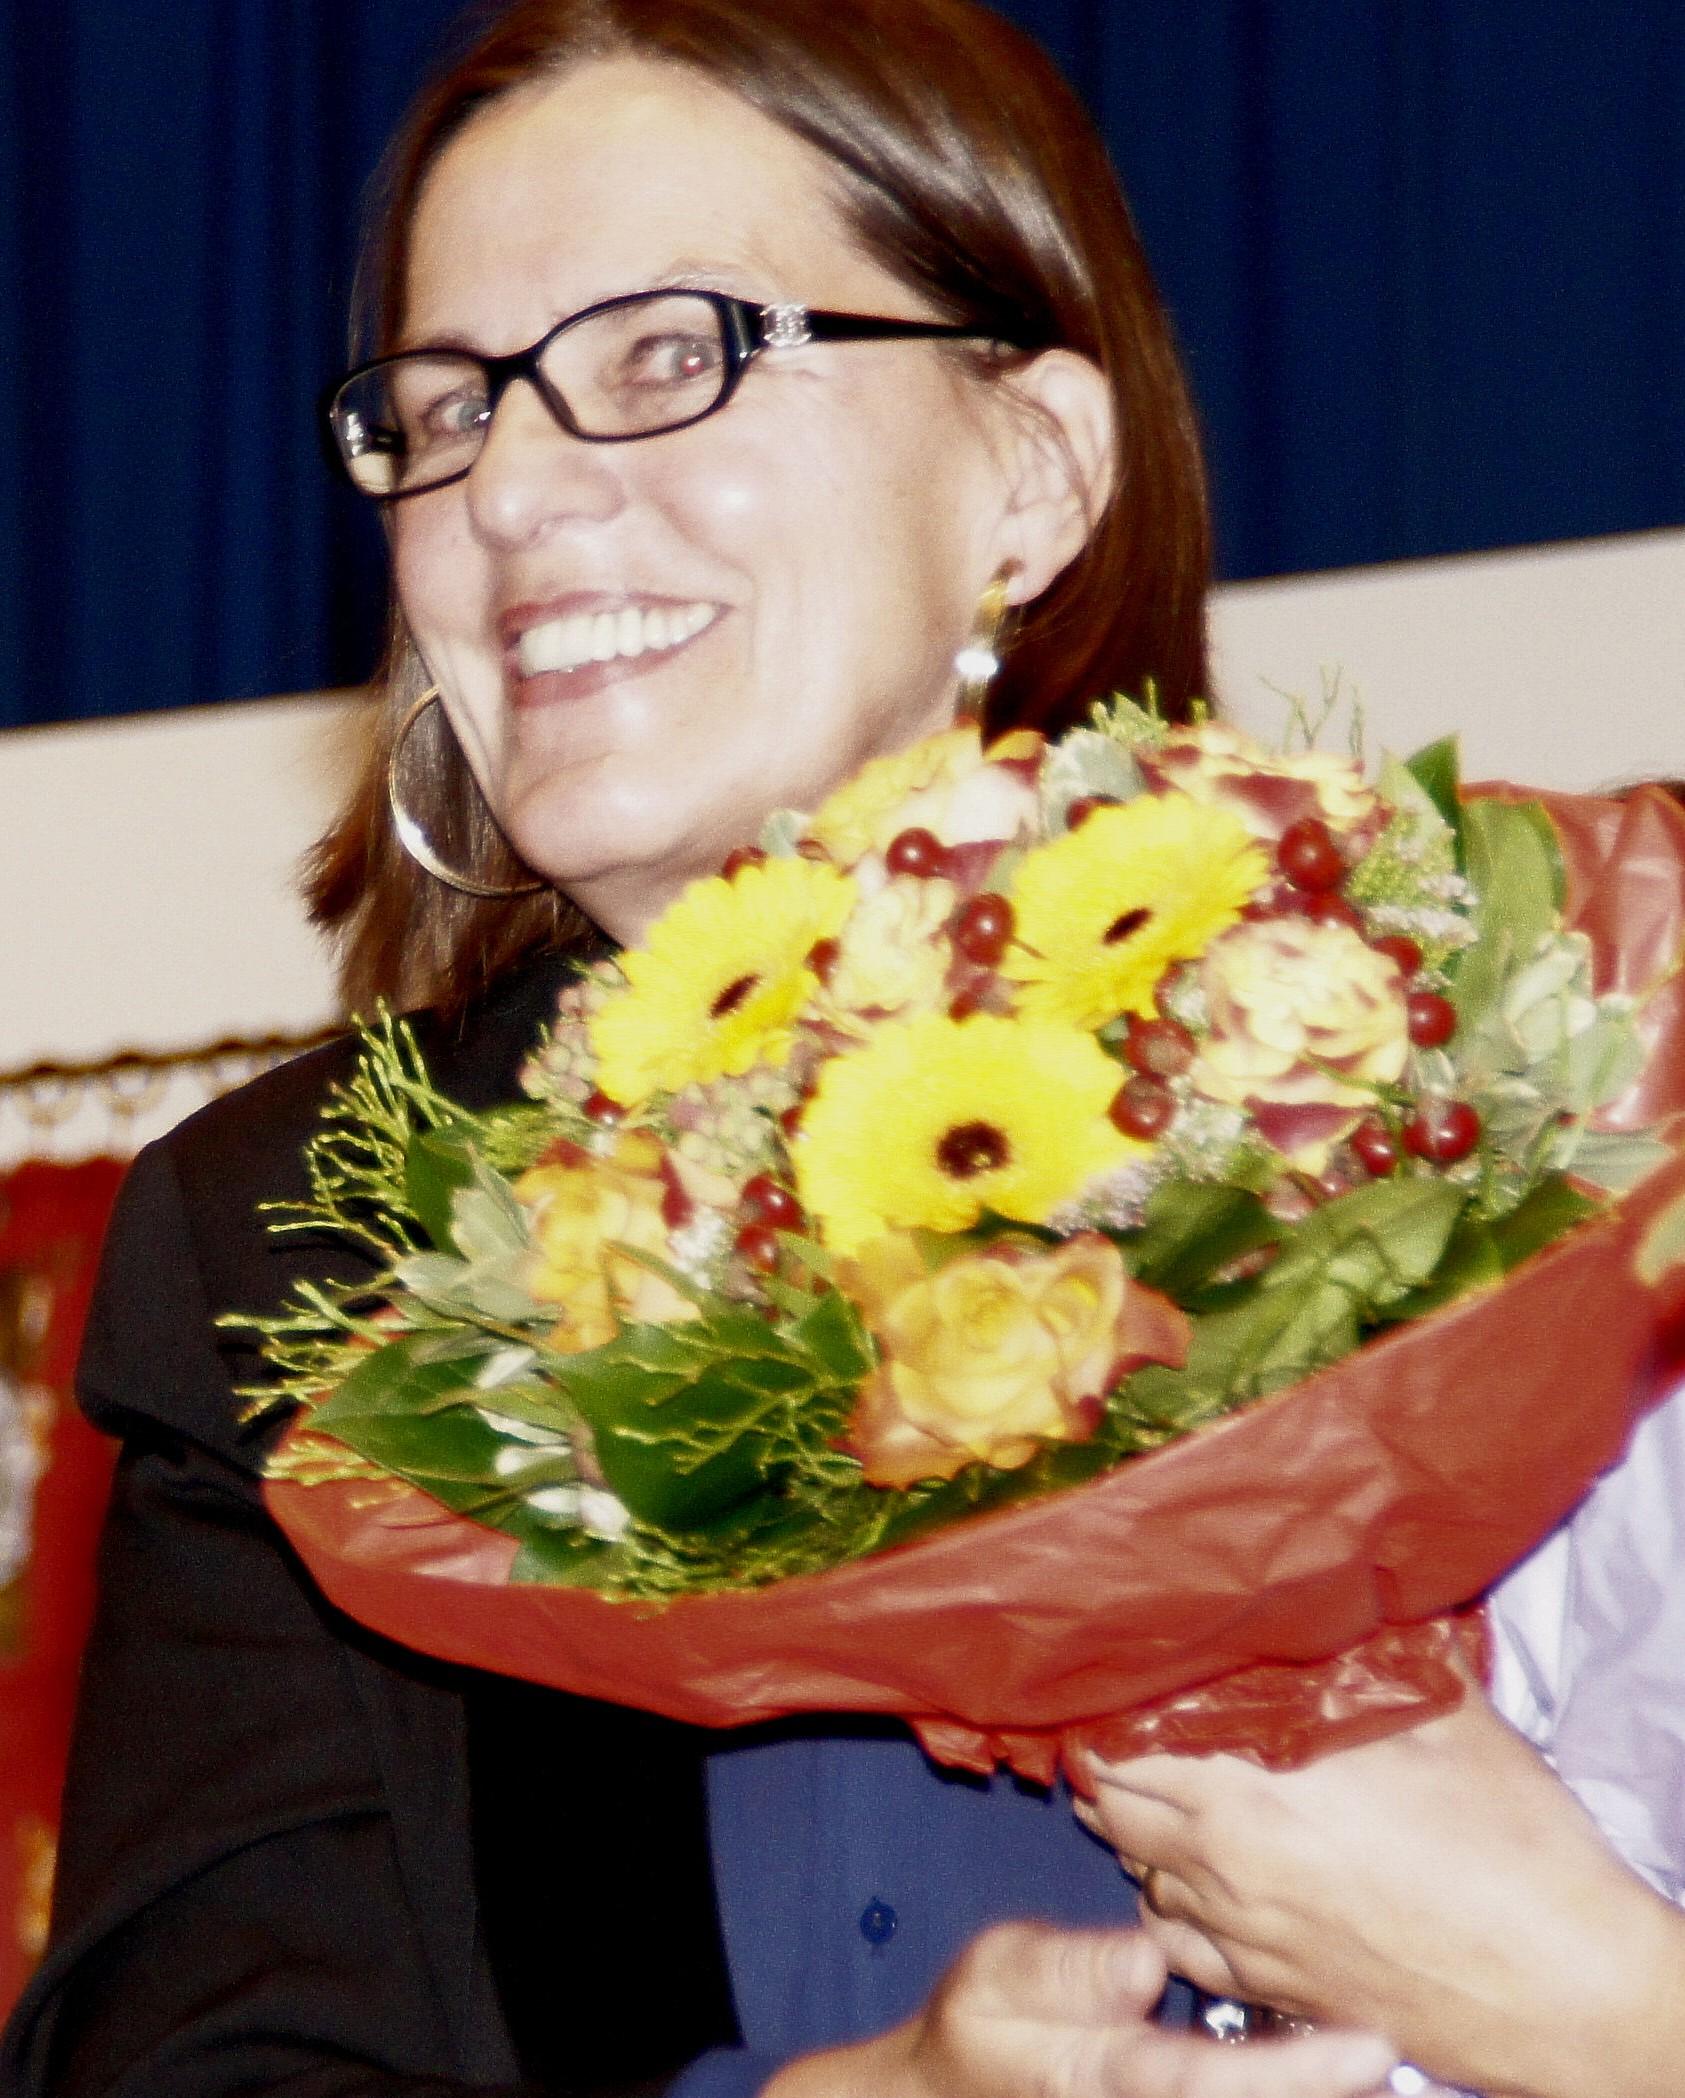 Ein Glücksfall für Gaienhofen ist die Theaterpädagogin Claudia Godart aus Gaienhofen, die maßgeblichen Anteil am Erfolg des Theaterwochenendes hat.